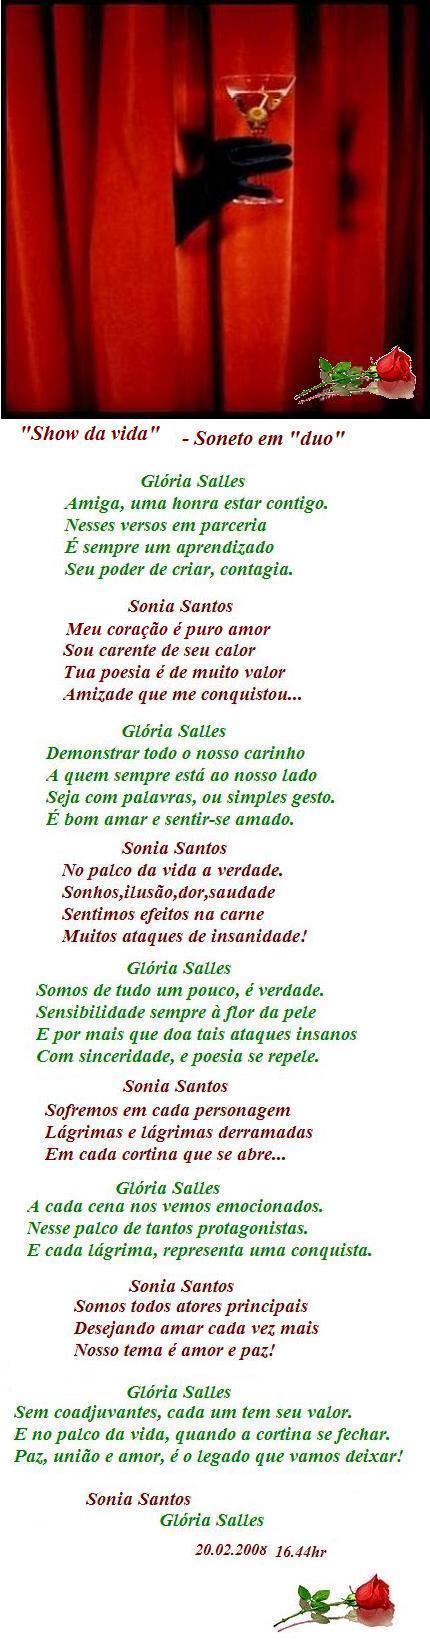 """""""Show da vida"""" - Soneto em duo com Sonia Santos"""